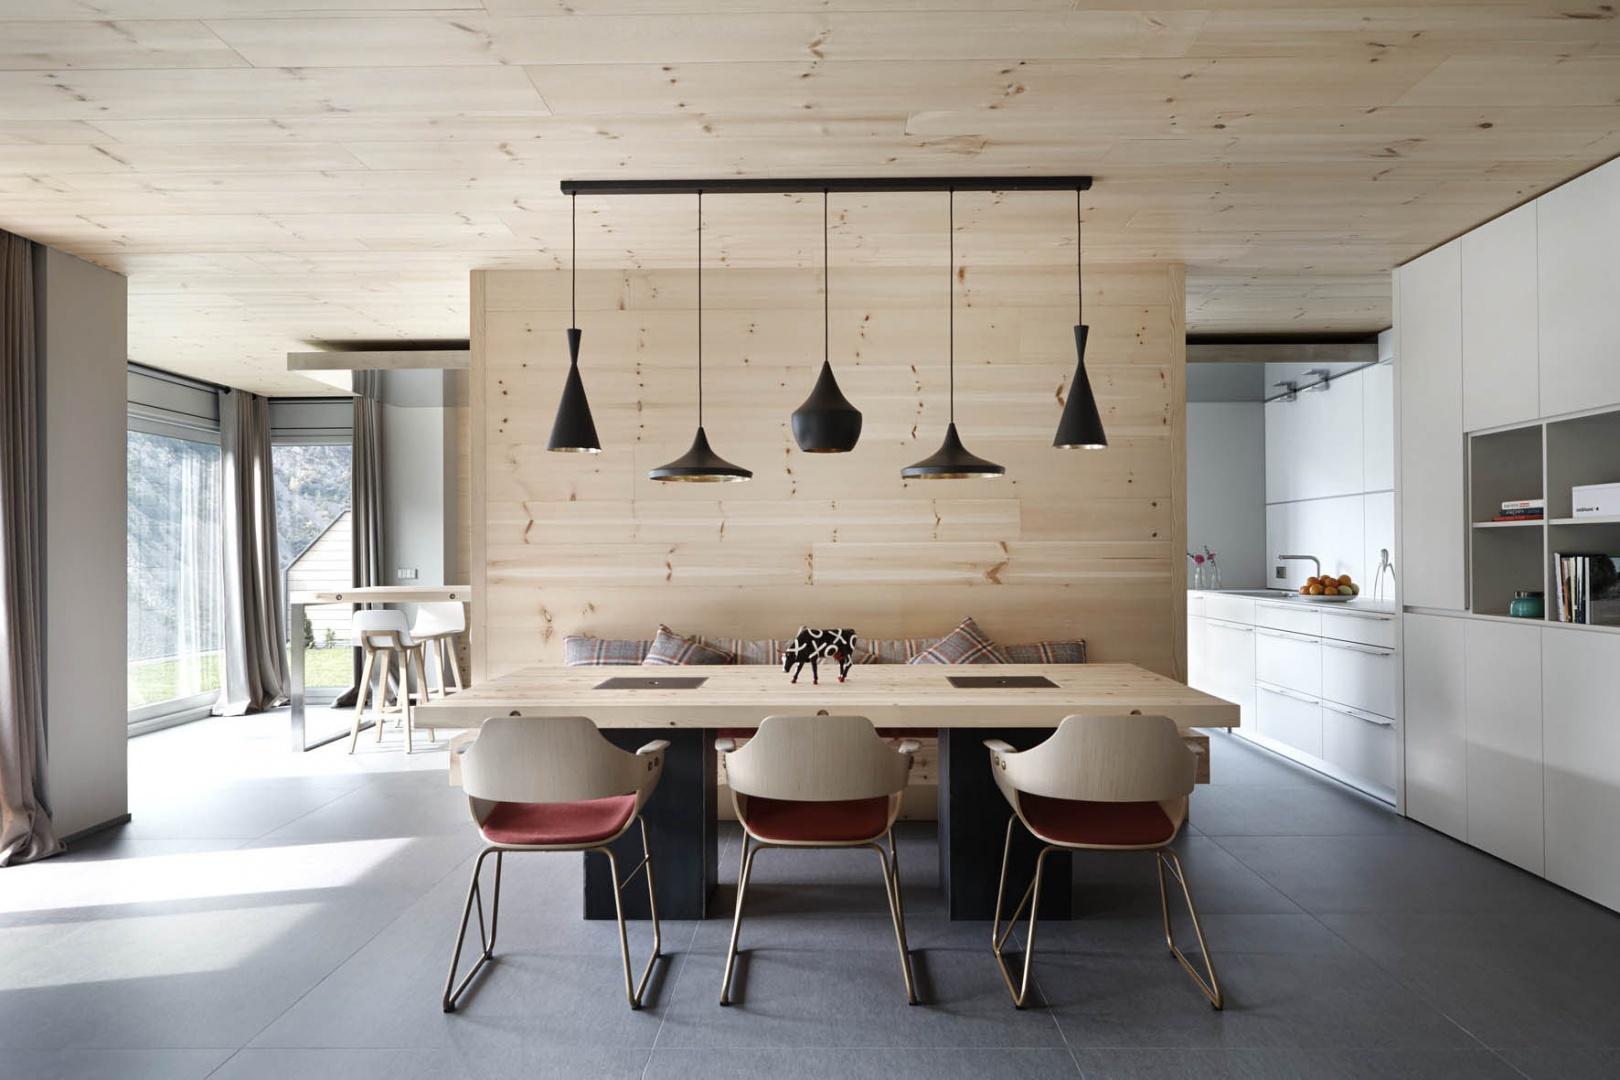 Efektowne krzesła i lampy stanowią przykuwający wzrok element dekoracyjny, pięknie wyeksponowany na tle prostej, drewnianej powierzchni. Projekt: Coblonal Arquitectura. Fot. Sara Riera.